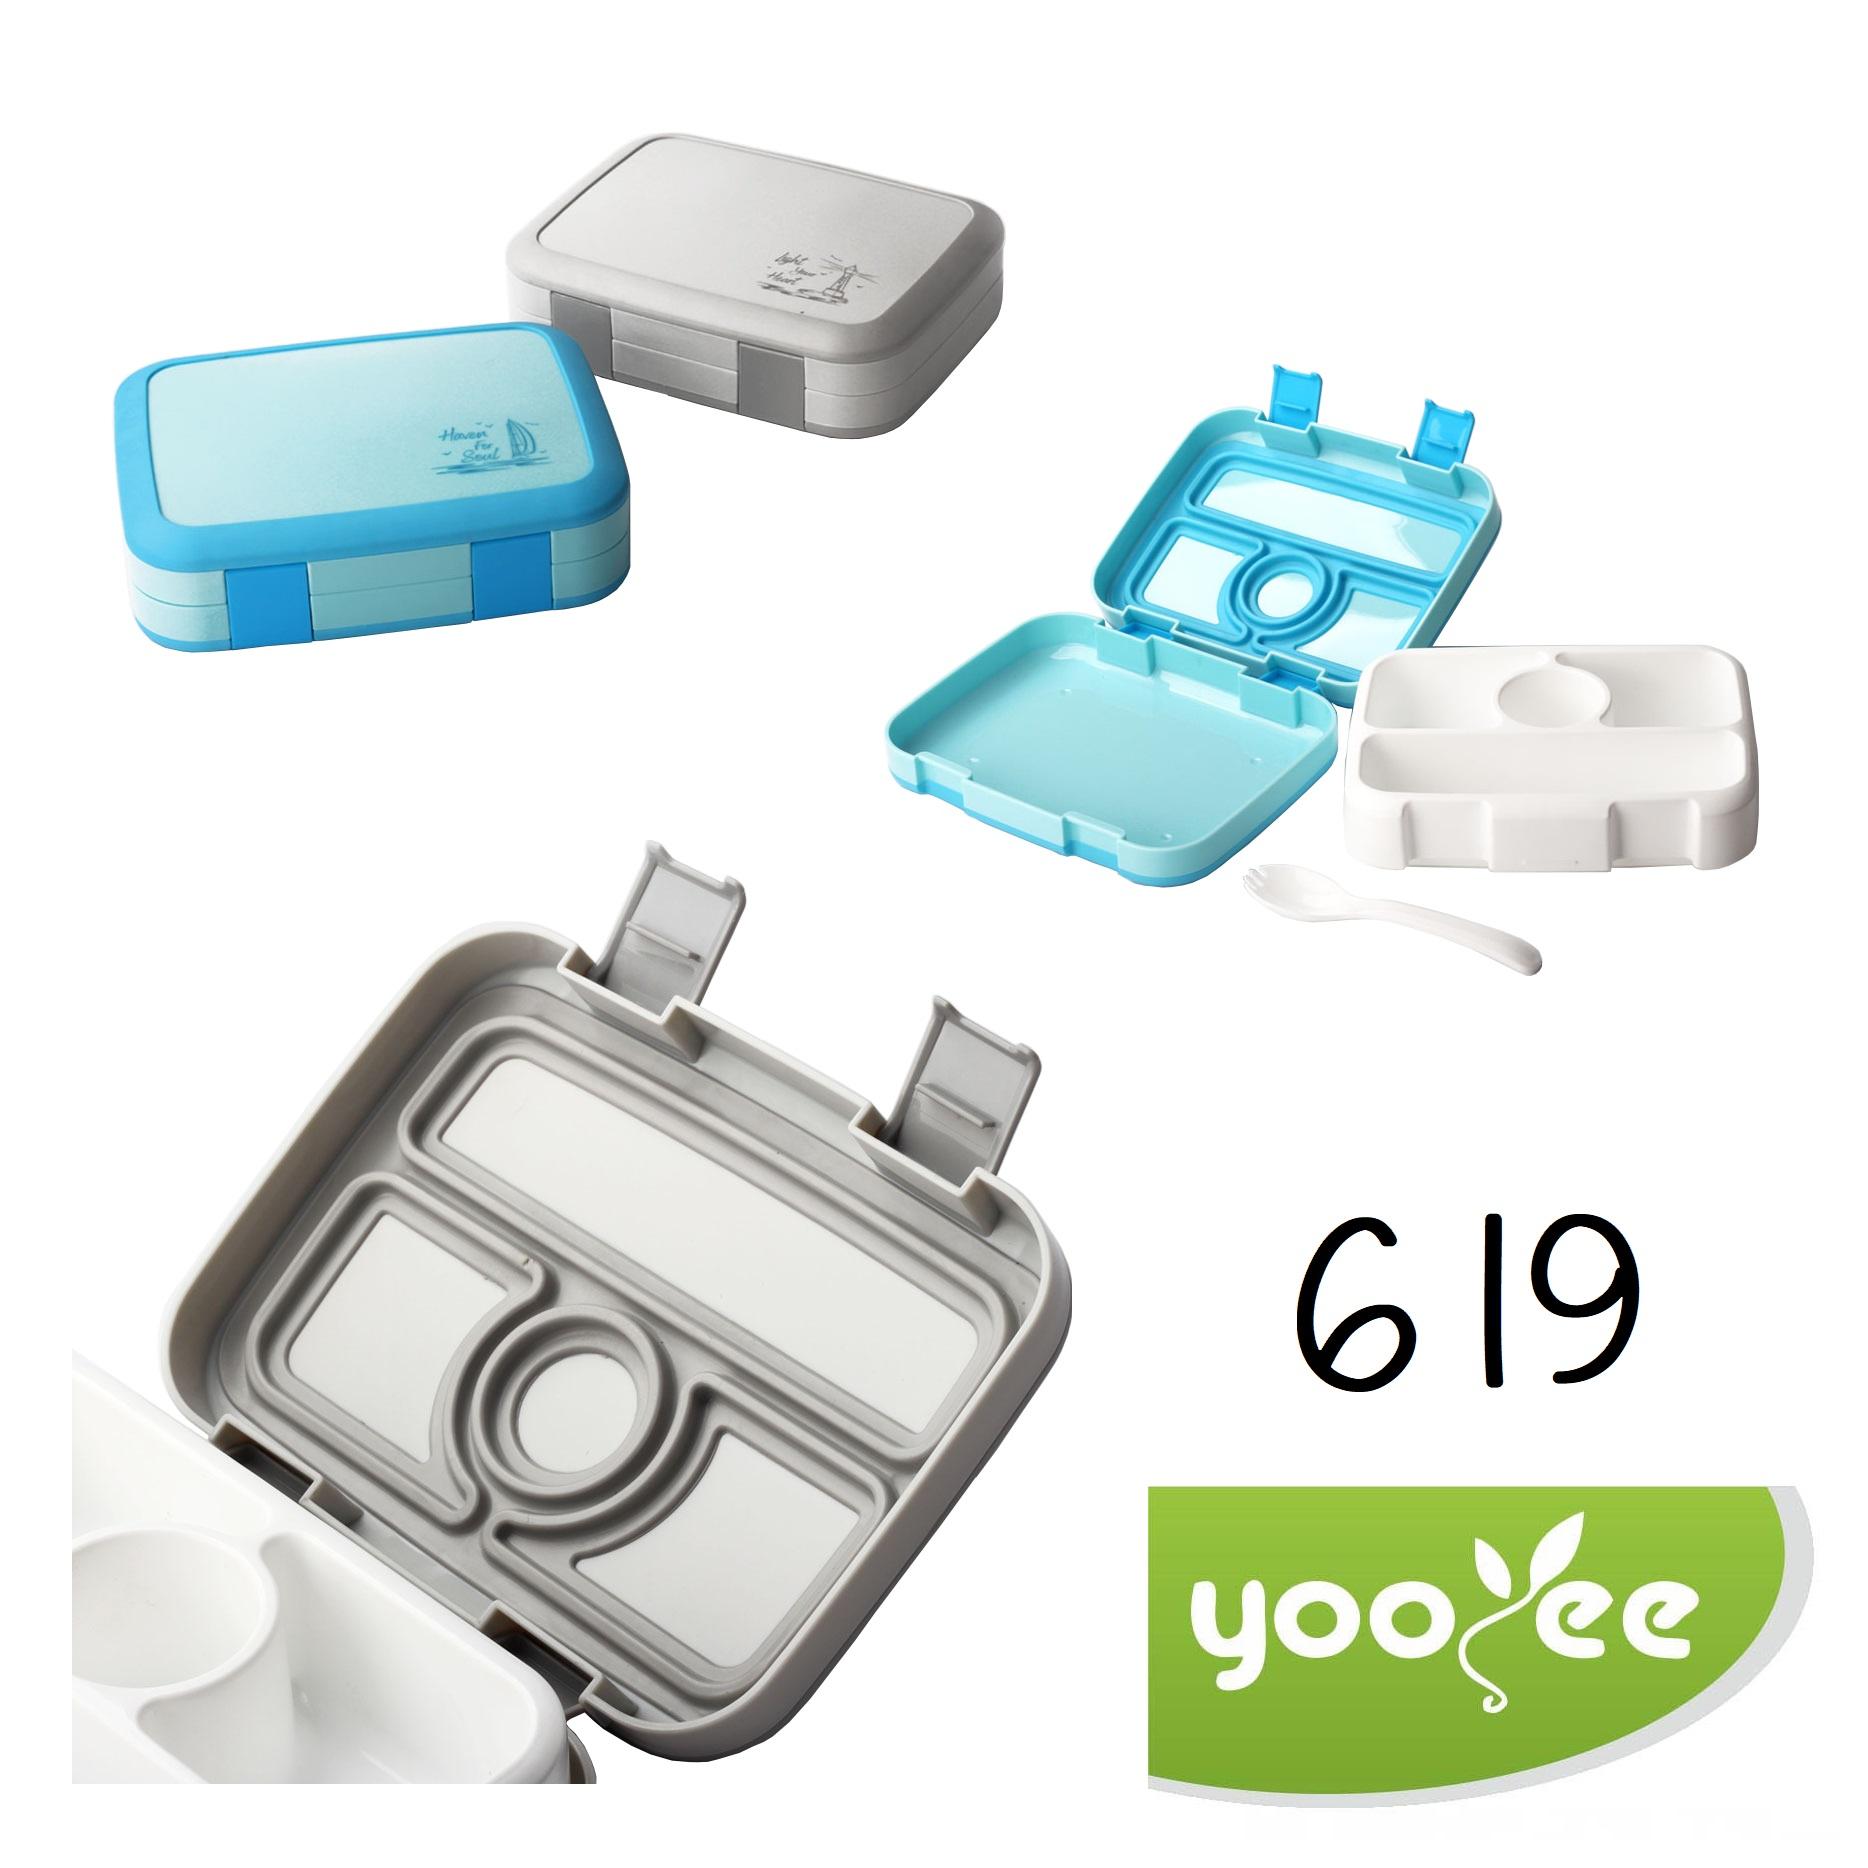 YooYee 619 Bento Box